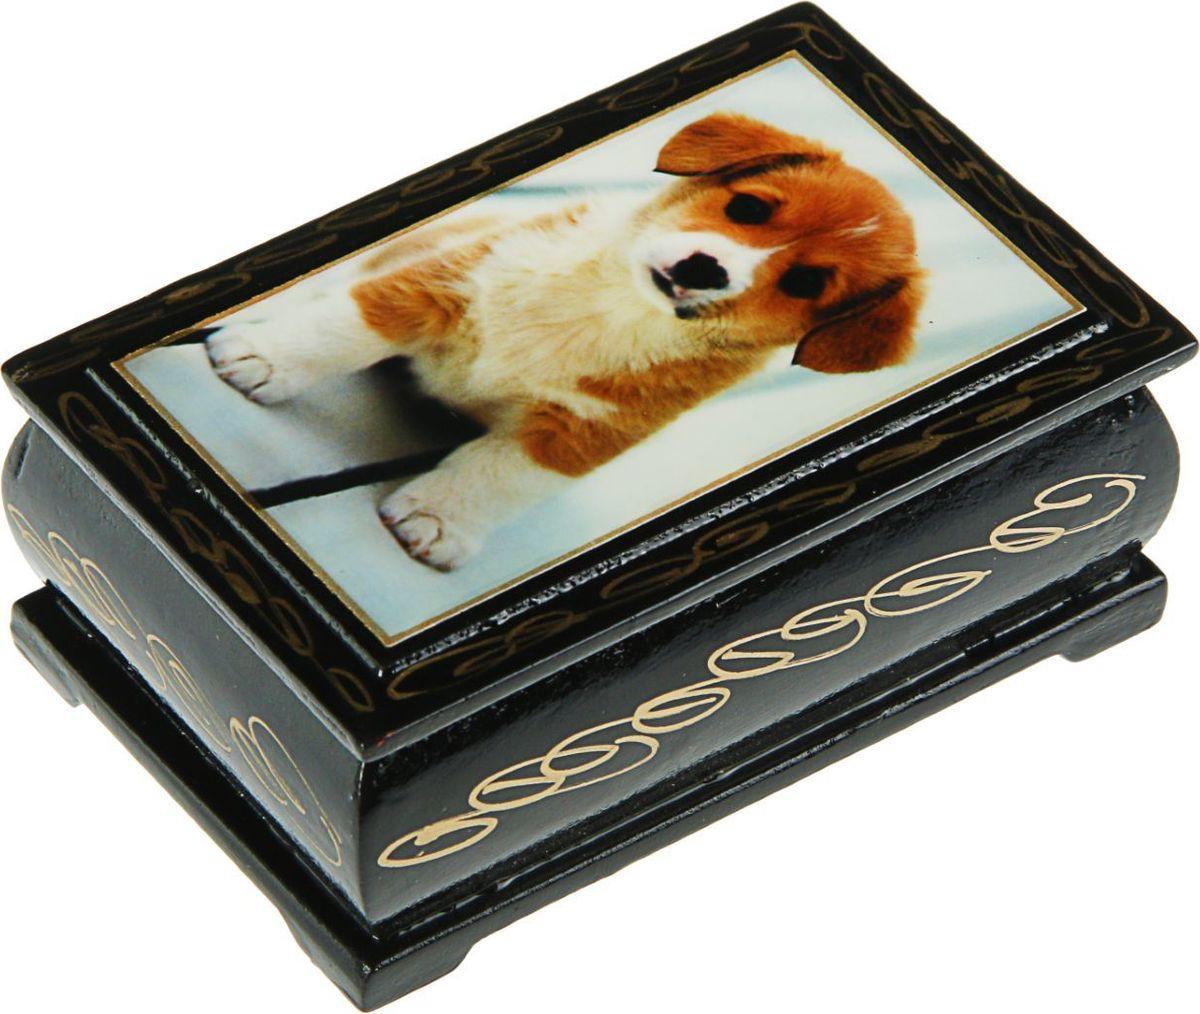 Шкатулка Sima-land Собаки. Лаковая миниатюра, цвет: черный, 6 см х 9 см. 24311492431140Шкатулка — это небольшой сувенир, а также оригинальная упаковка подарка. Она дополнит интерьер спальни, гостиной или прихожей. Изделие предназначено для хранения украшений: колец, браслетов, часов, цепочек, колье, сережек и прочих предметов.